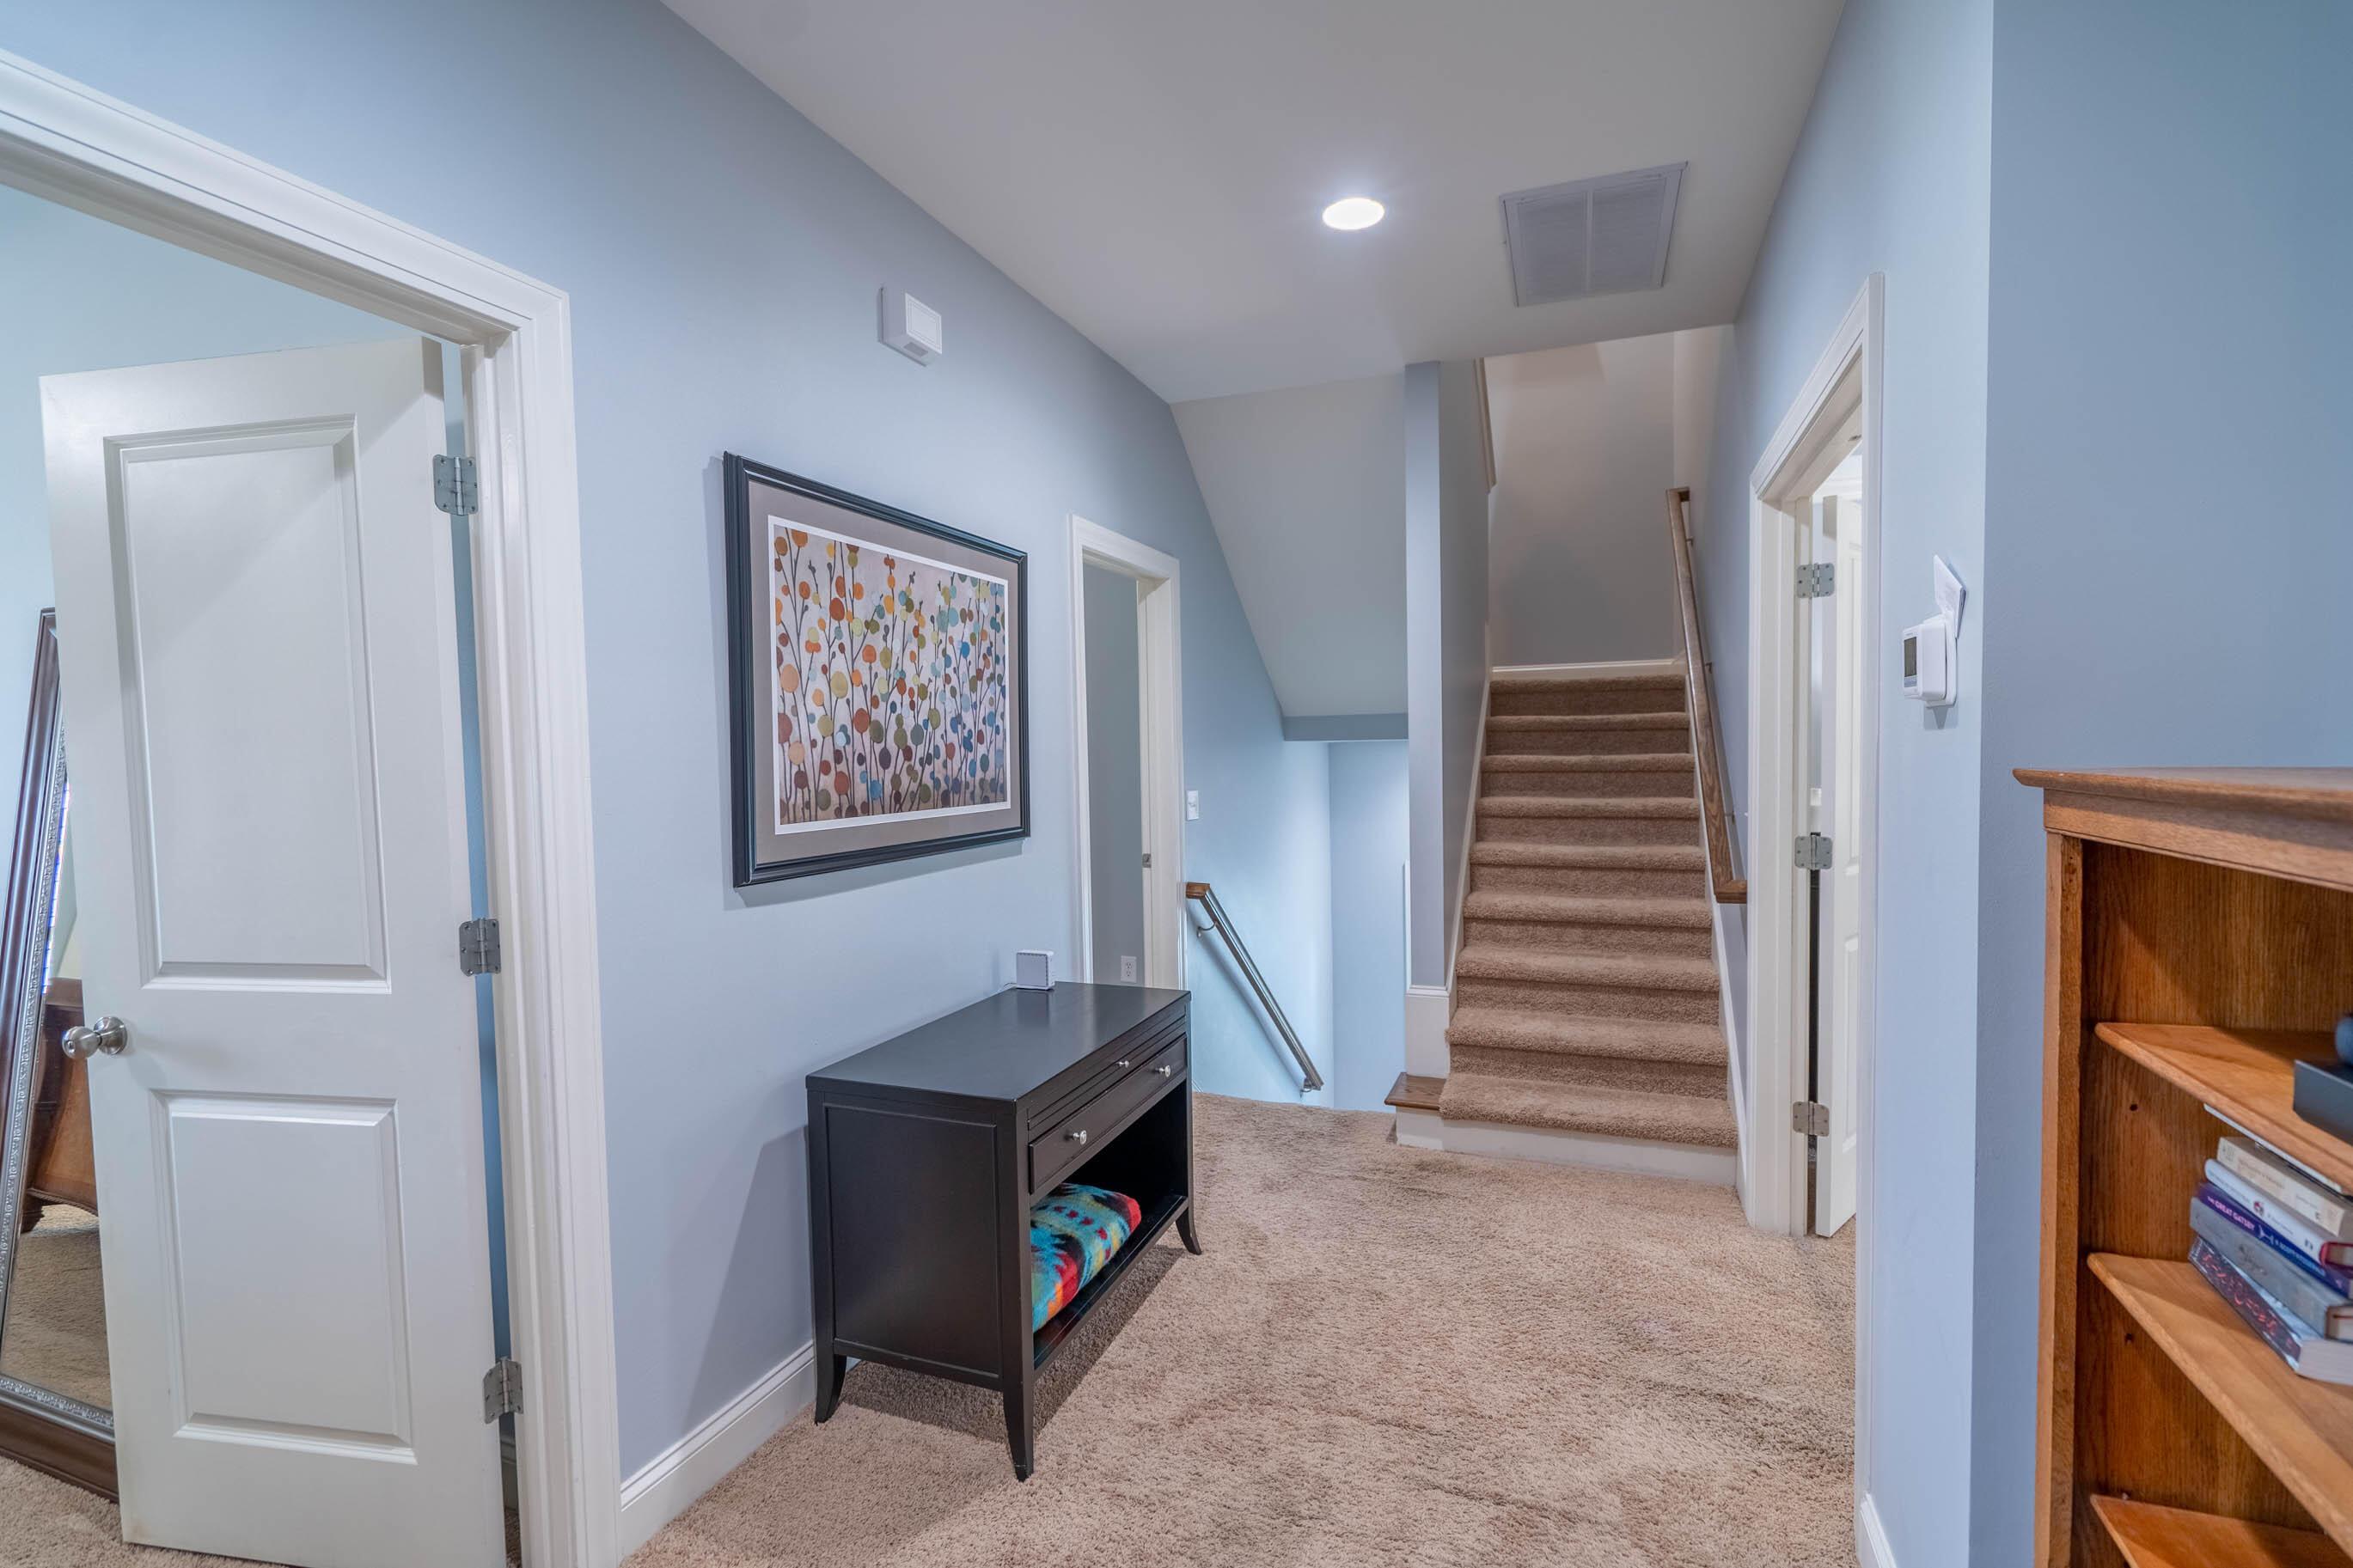 Dunes West Homes For Sale - 2997 Sturbridge, Mount Pleasant, SC - 36